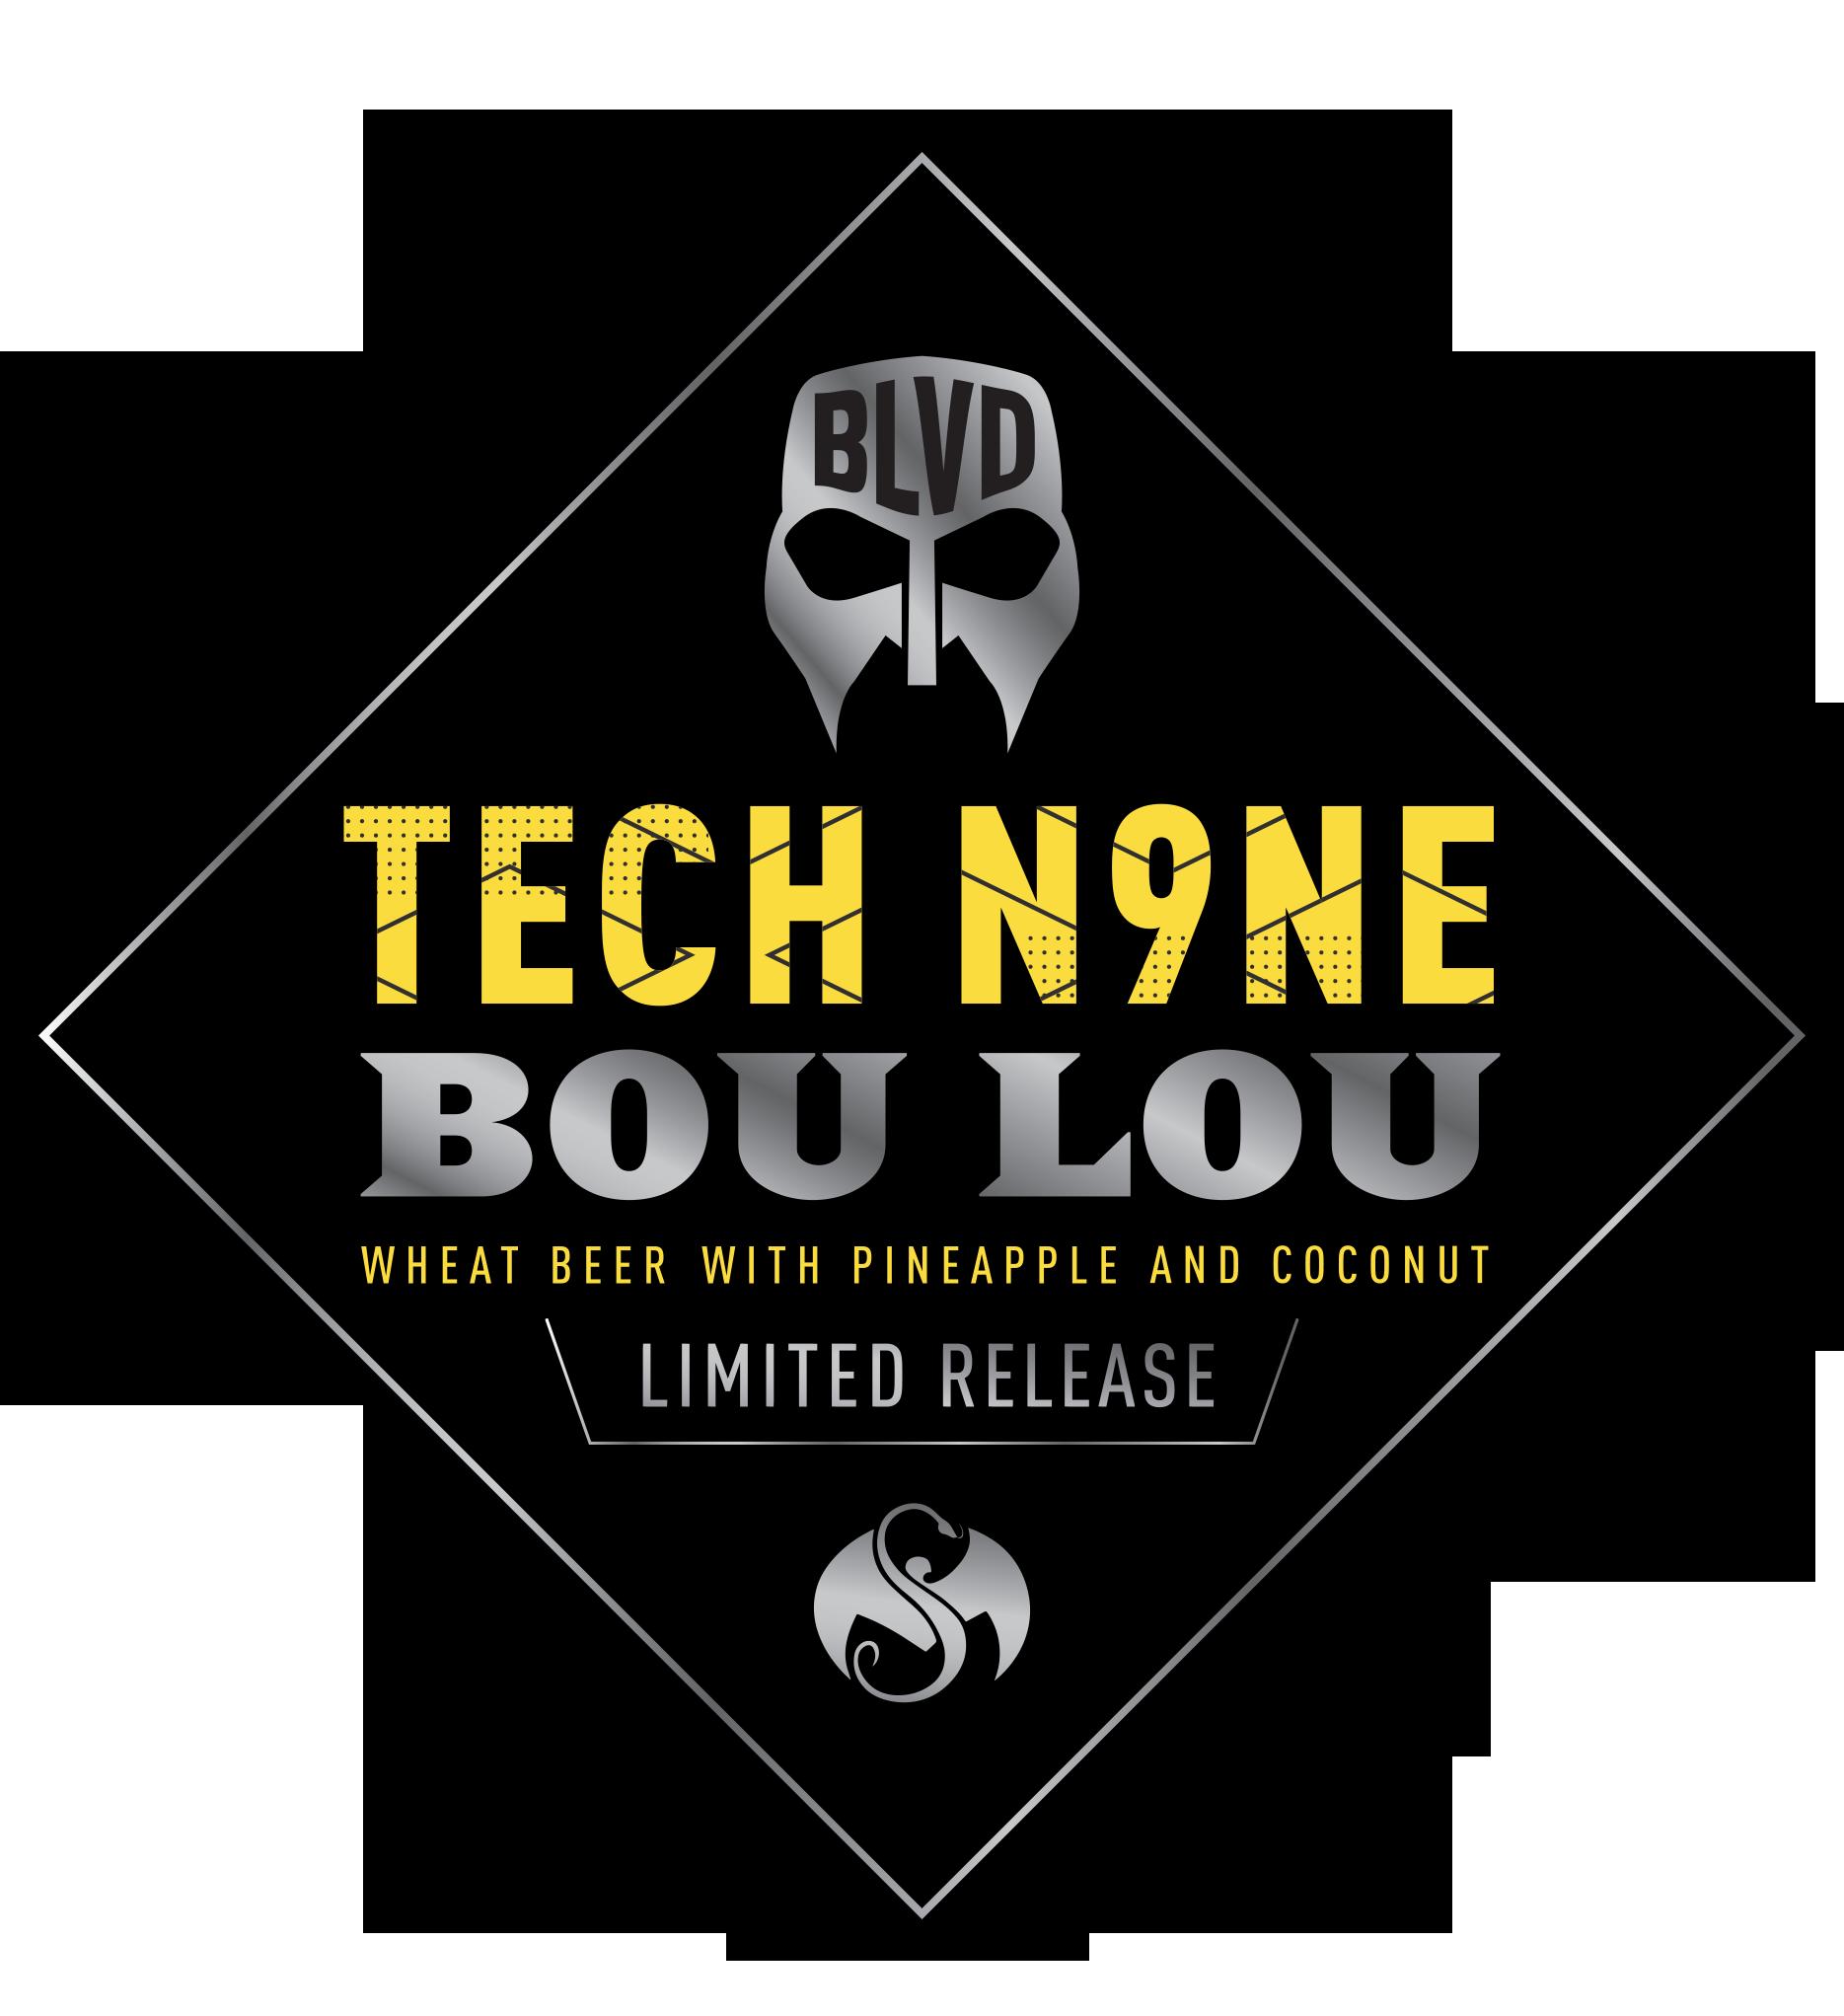 BLVD Logo Tech N9ne Bou Lou.png